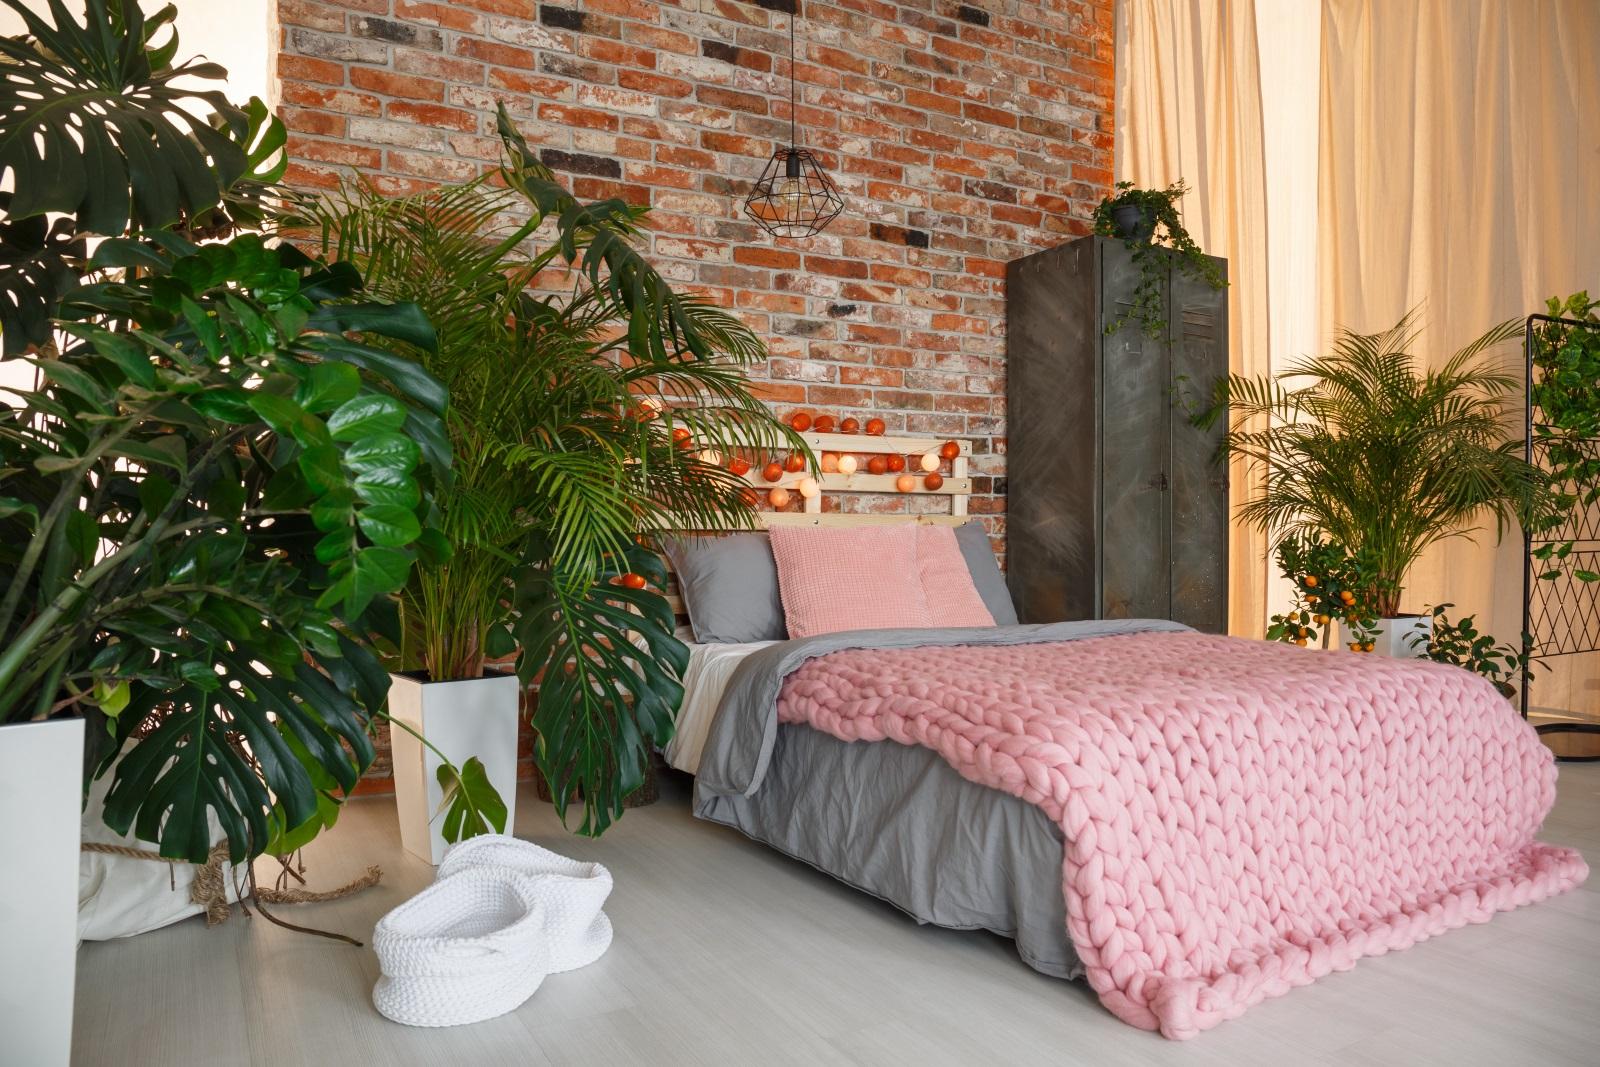 Pflanzen im Schlafzimmer: Fluch oder Segen?